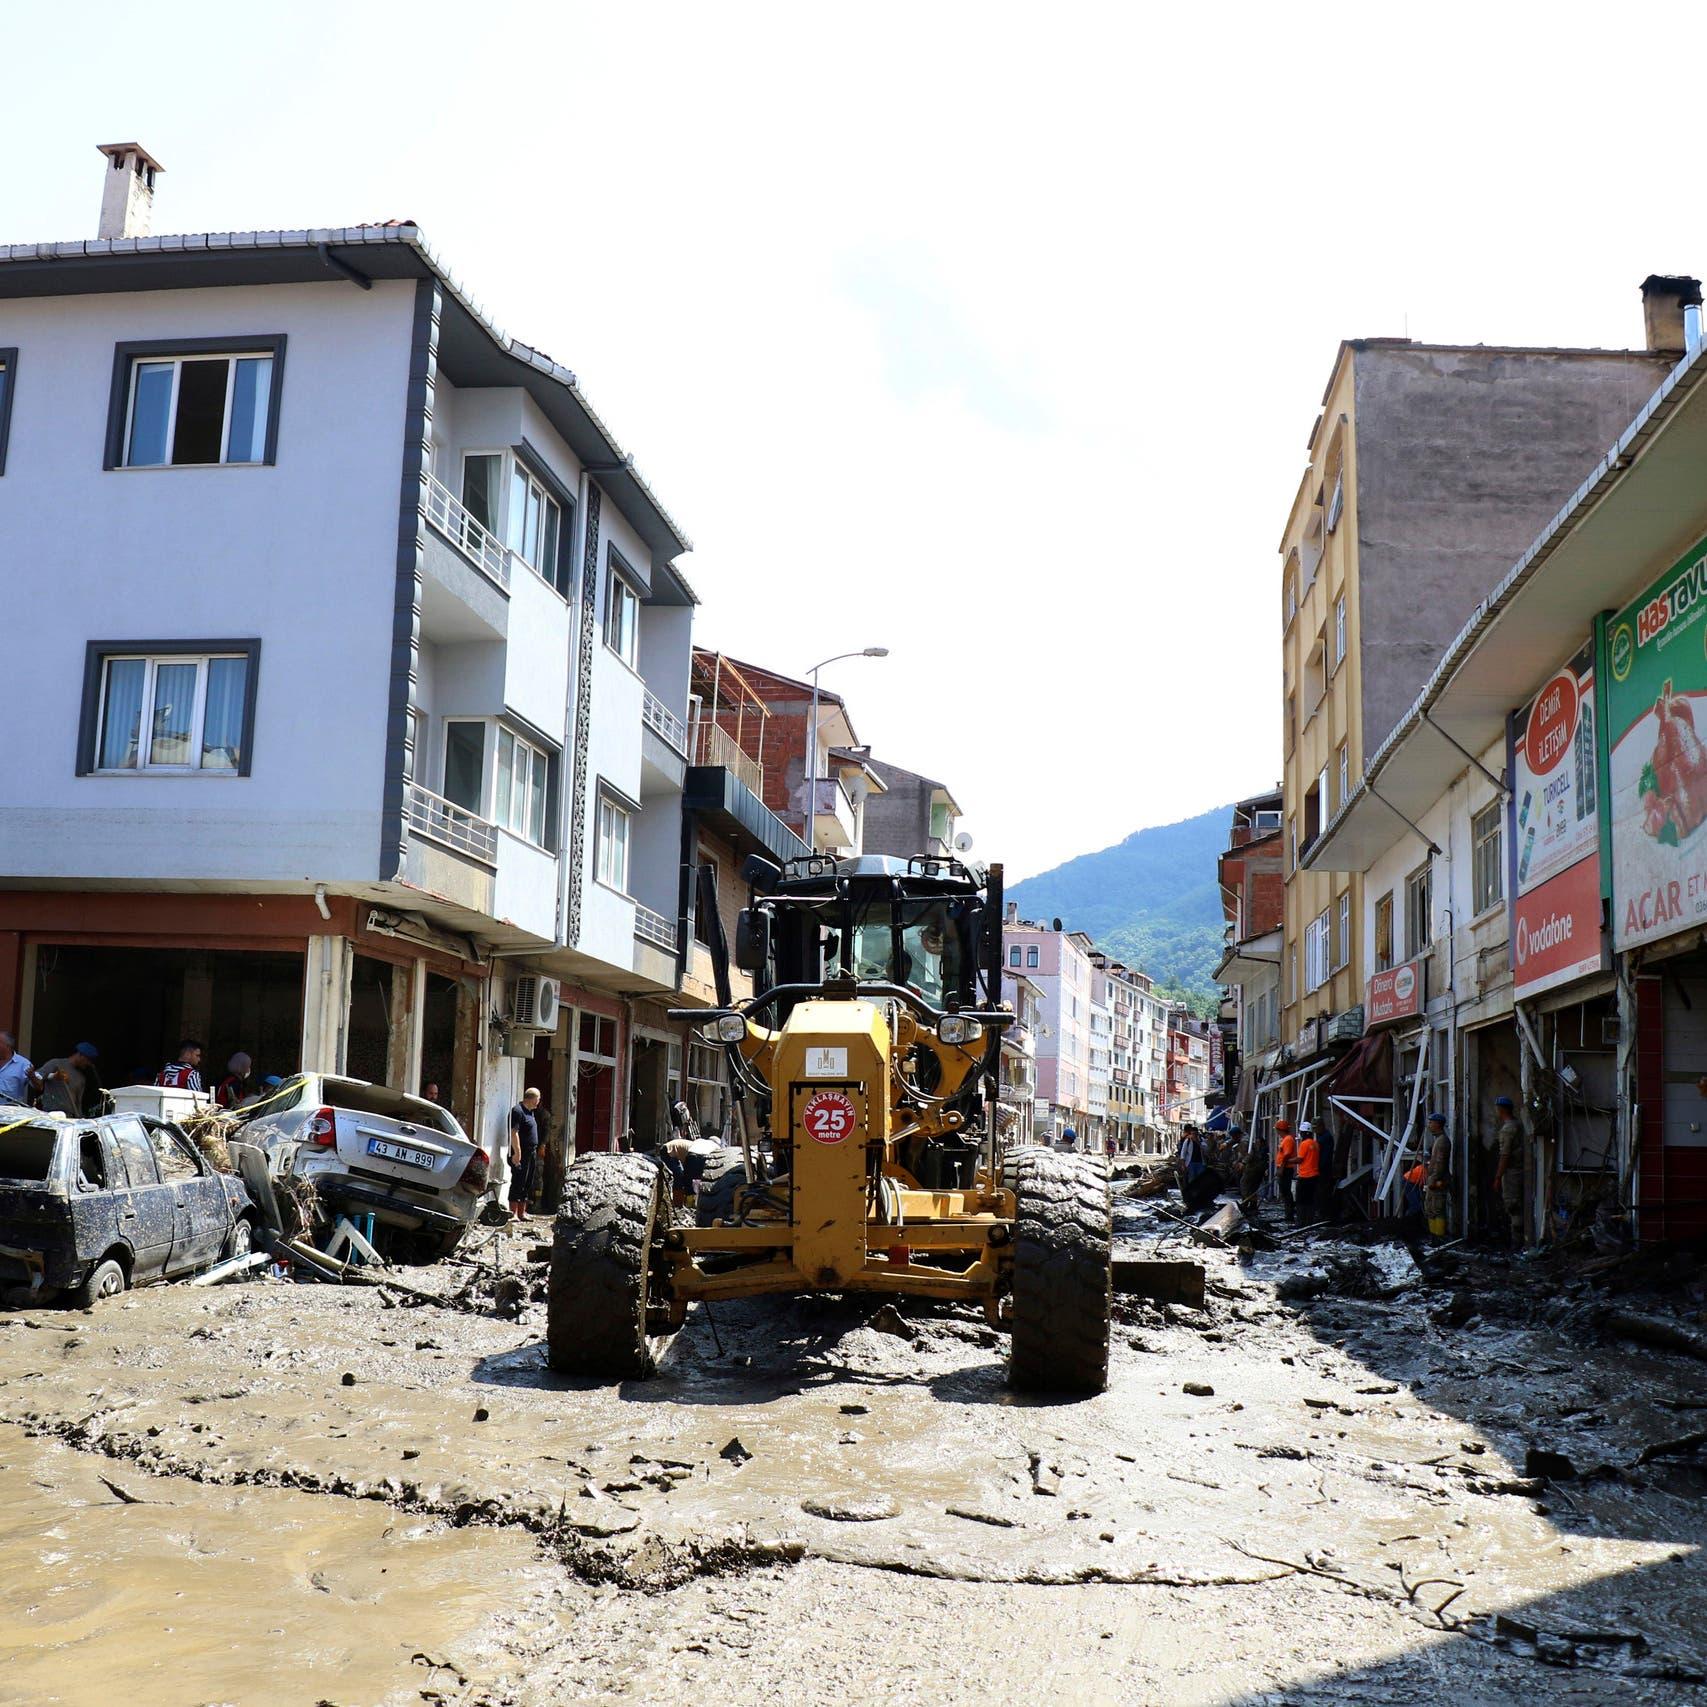 تركيا.. ارتفاع حصيلة قتلى السيول والفيضانات إلى 55 شخصا